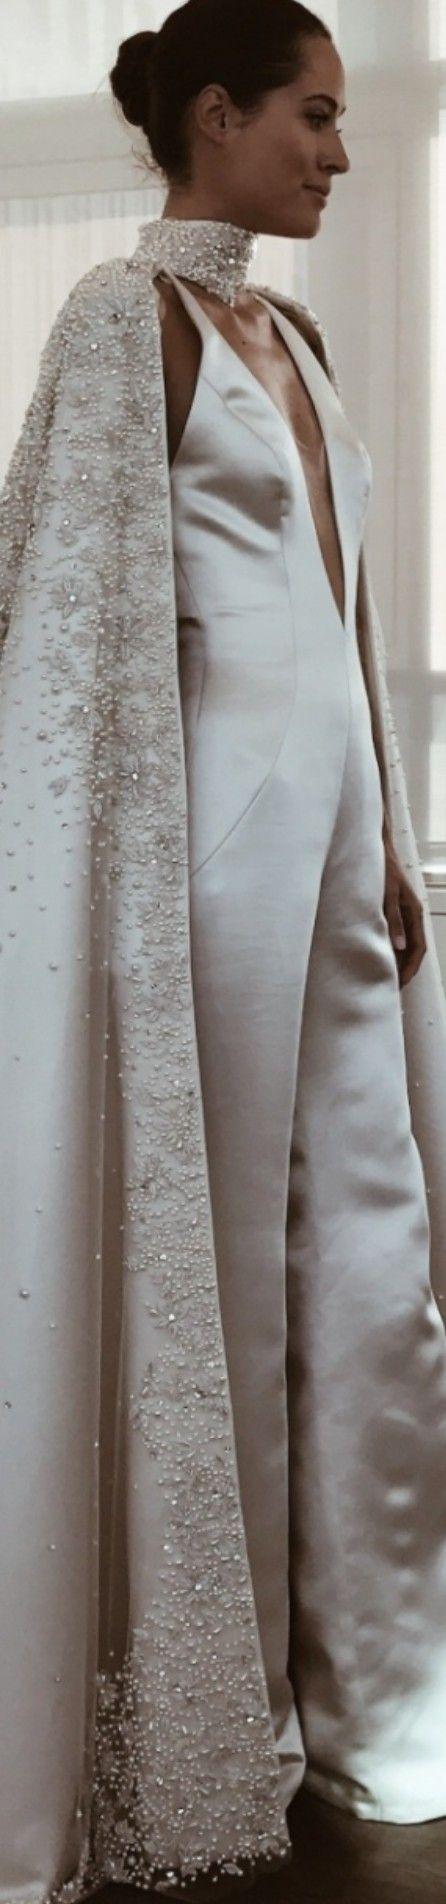 İnes di santo bae pinterest fashion purses fashion